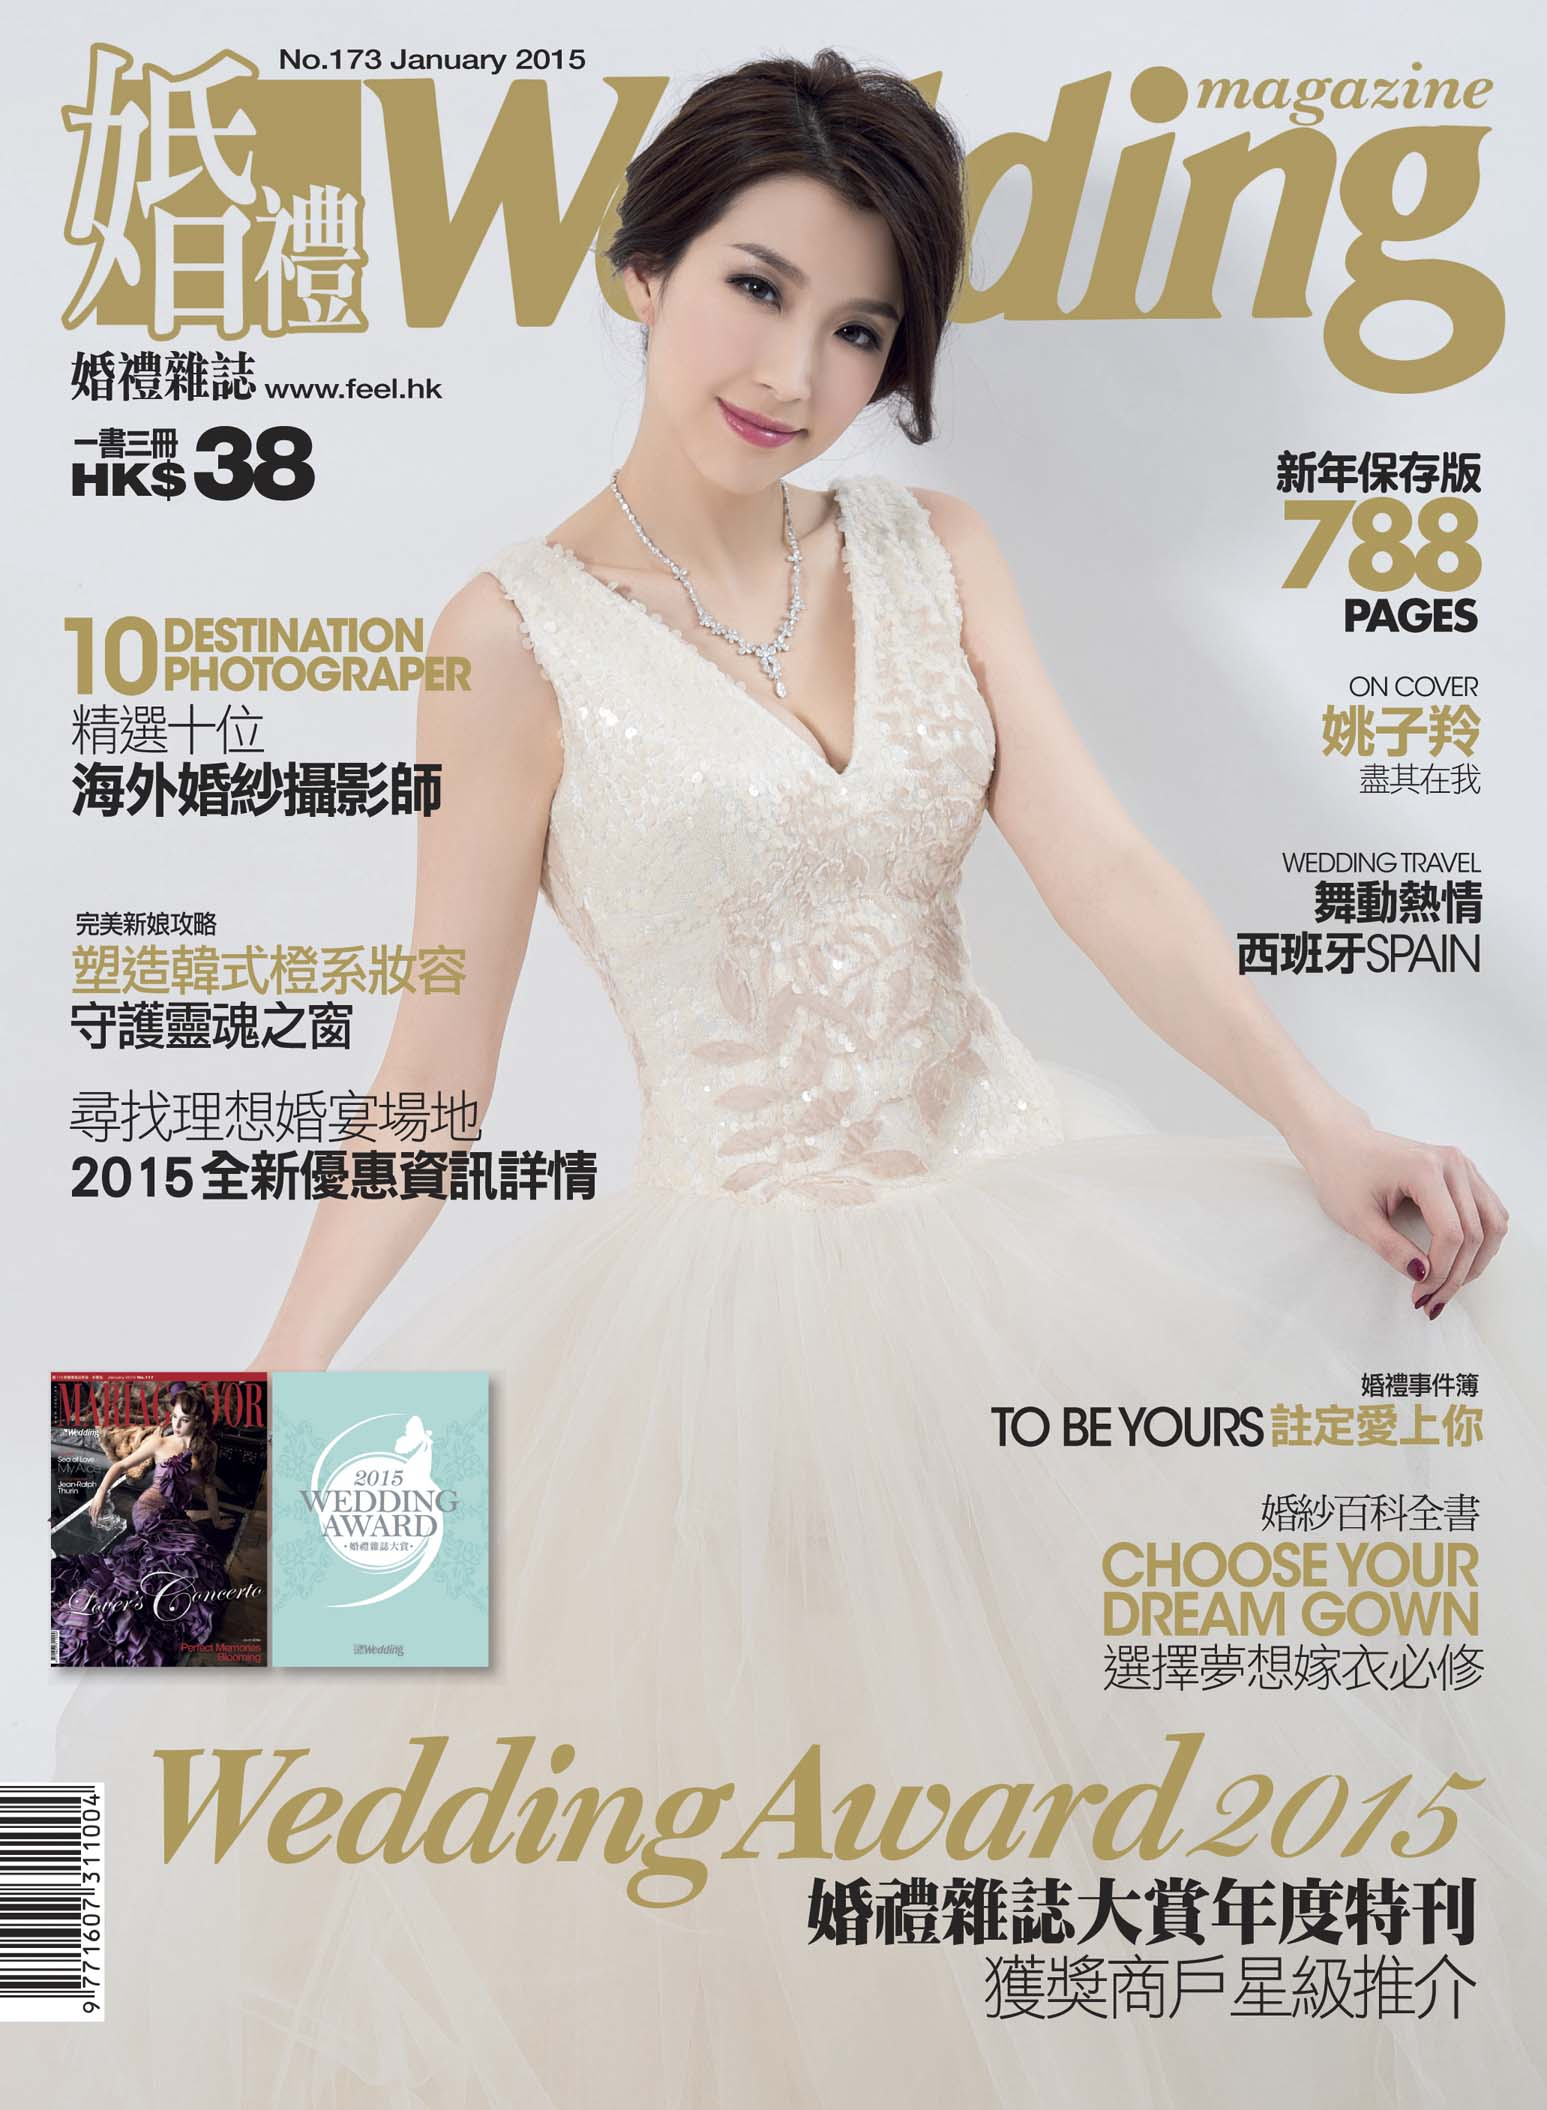 婚禮雜誌 Vol.173